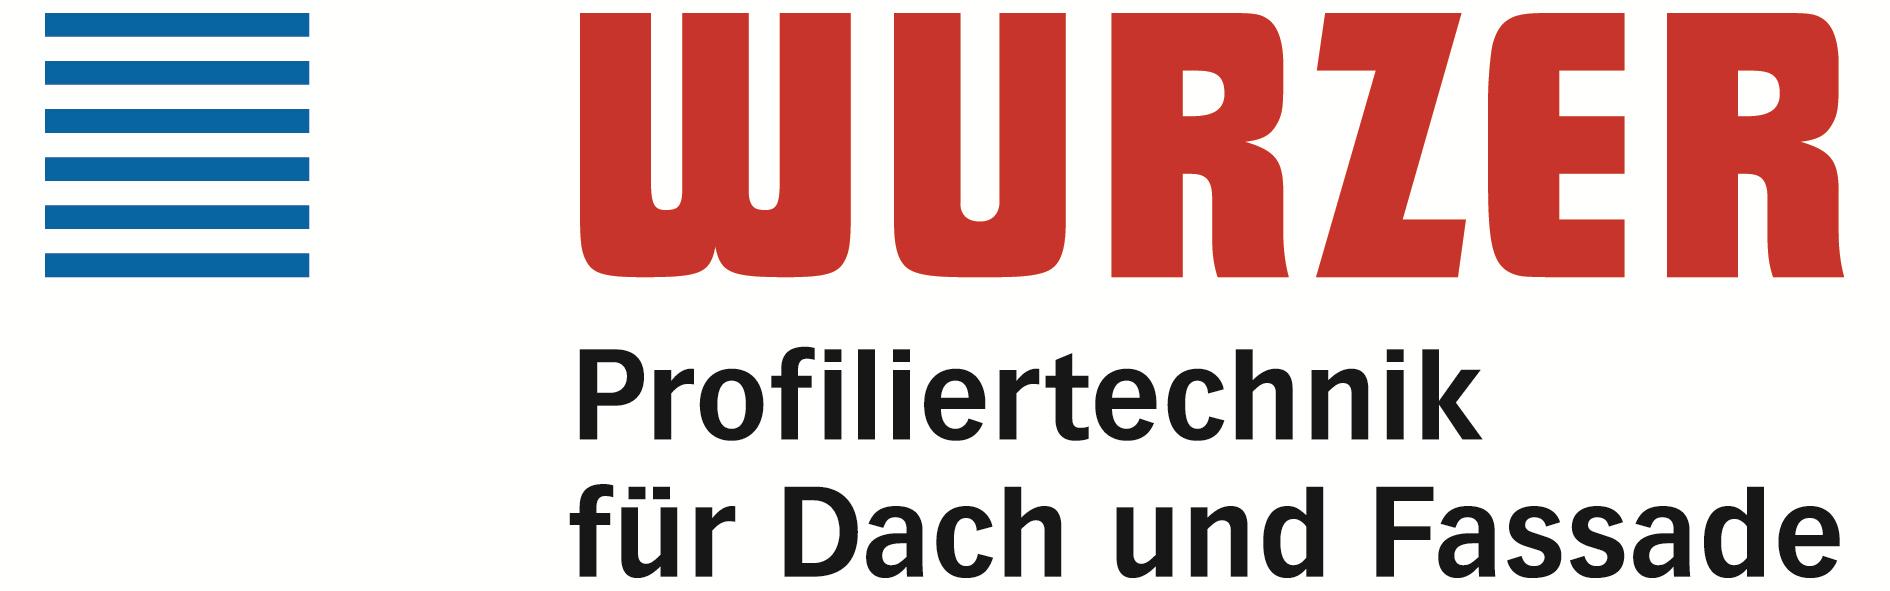 Wurzer Profiliertechnik GmbH